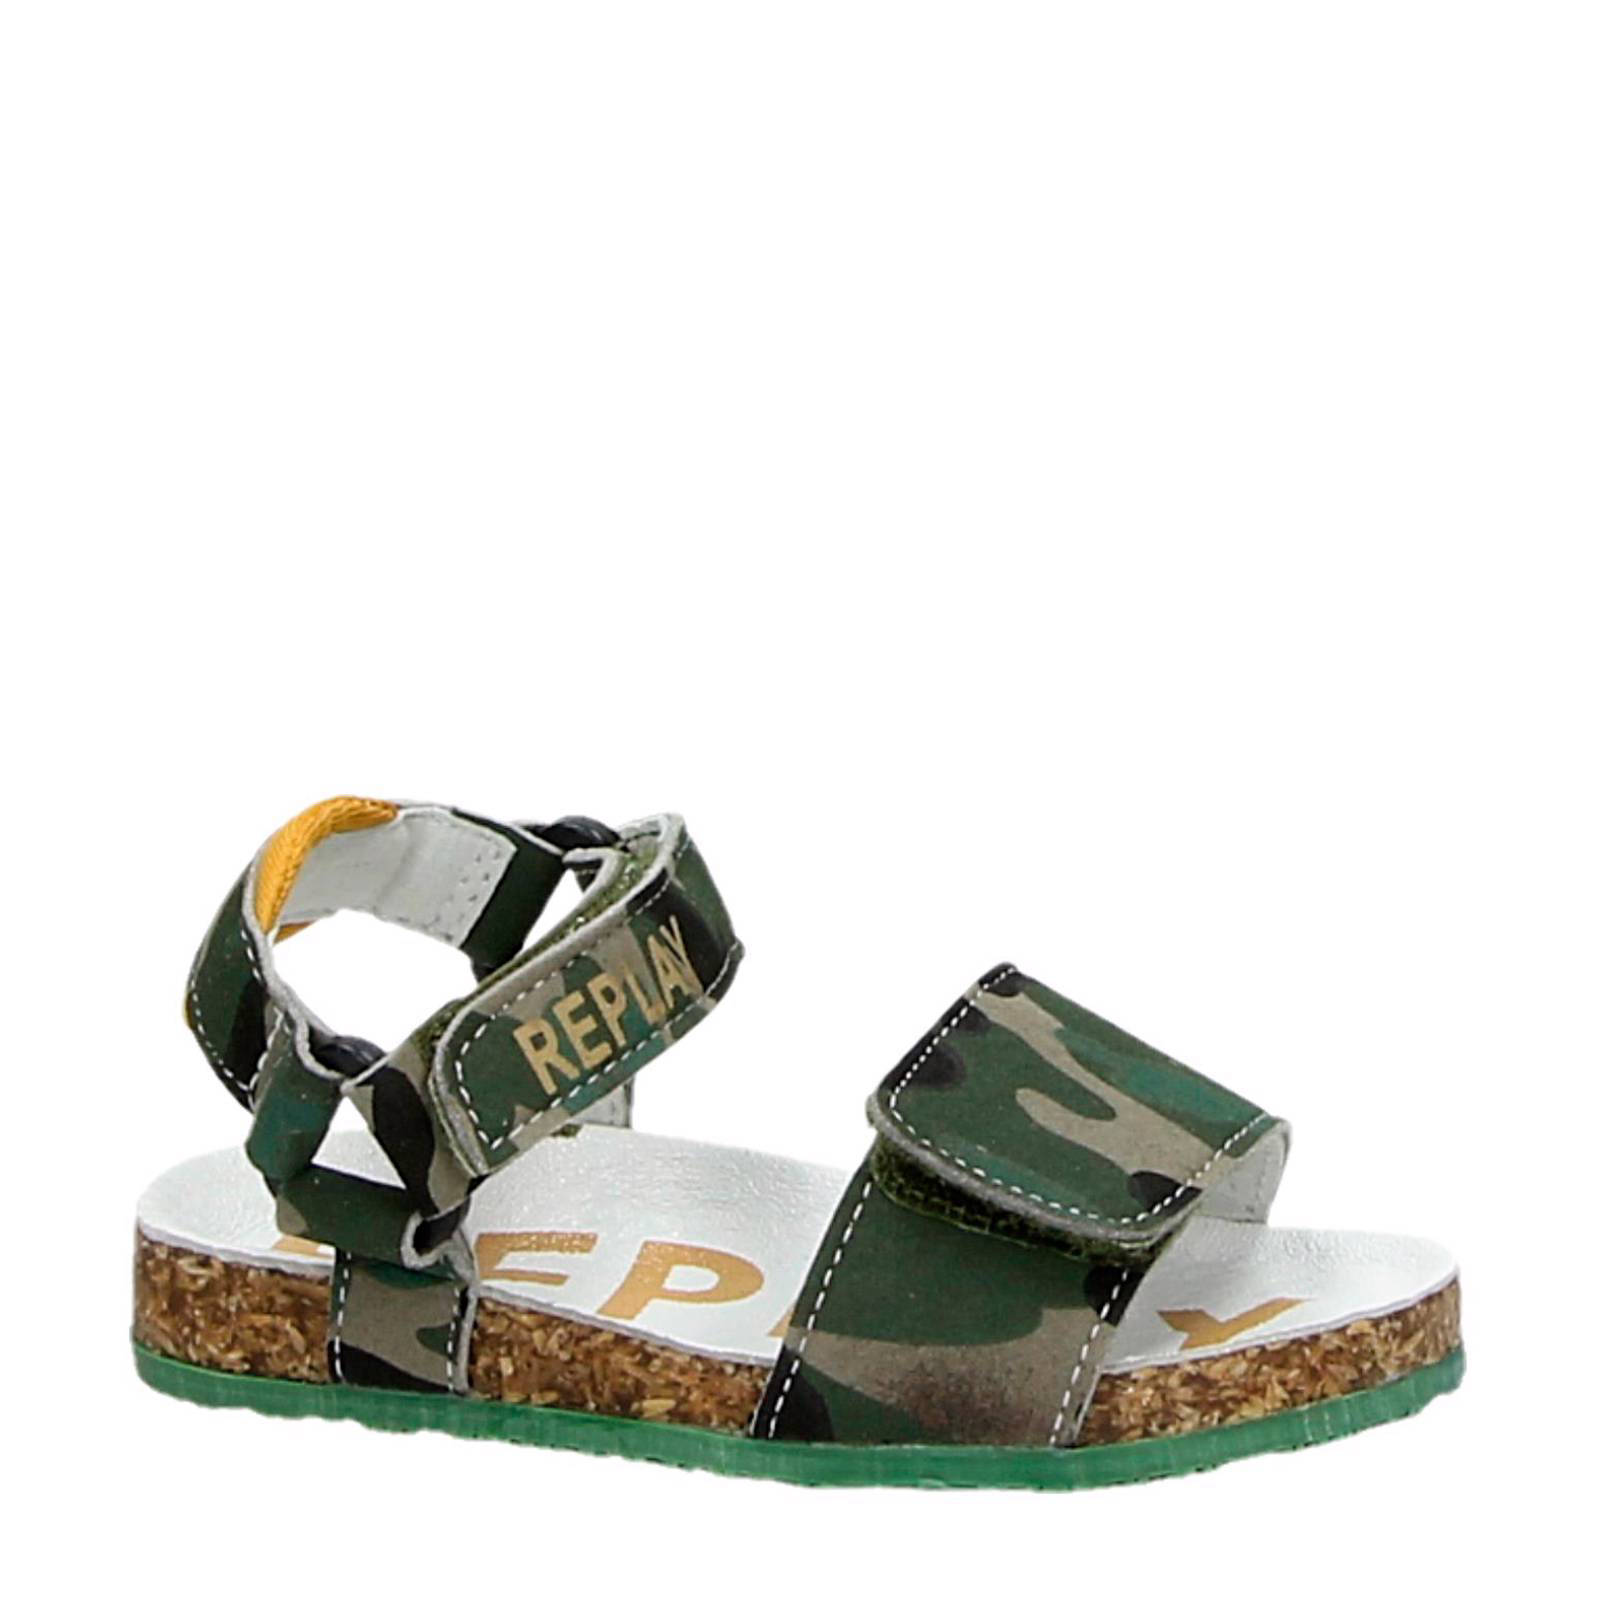 REPLAY suède sandalen met camouflageprint (jongens)